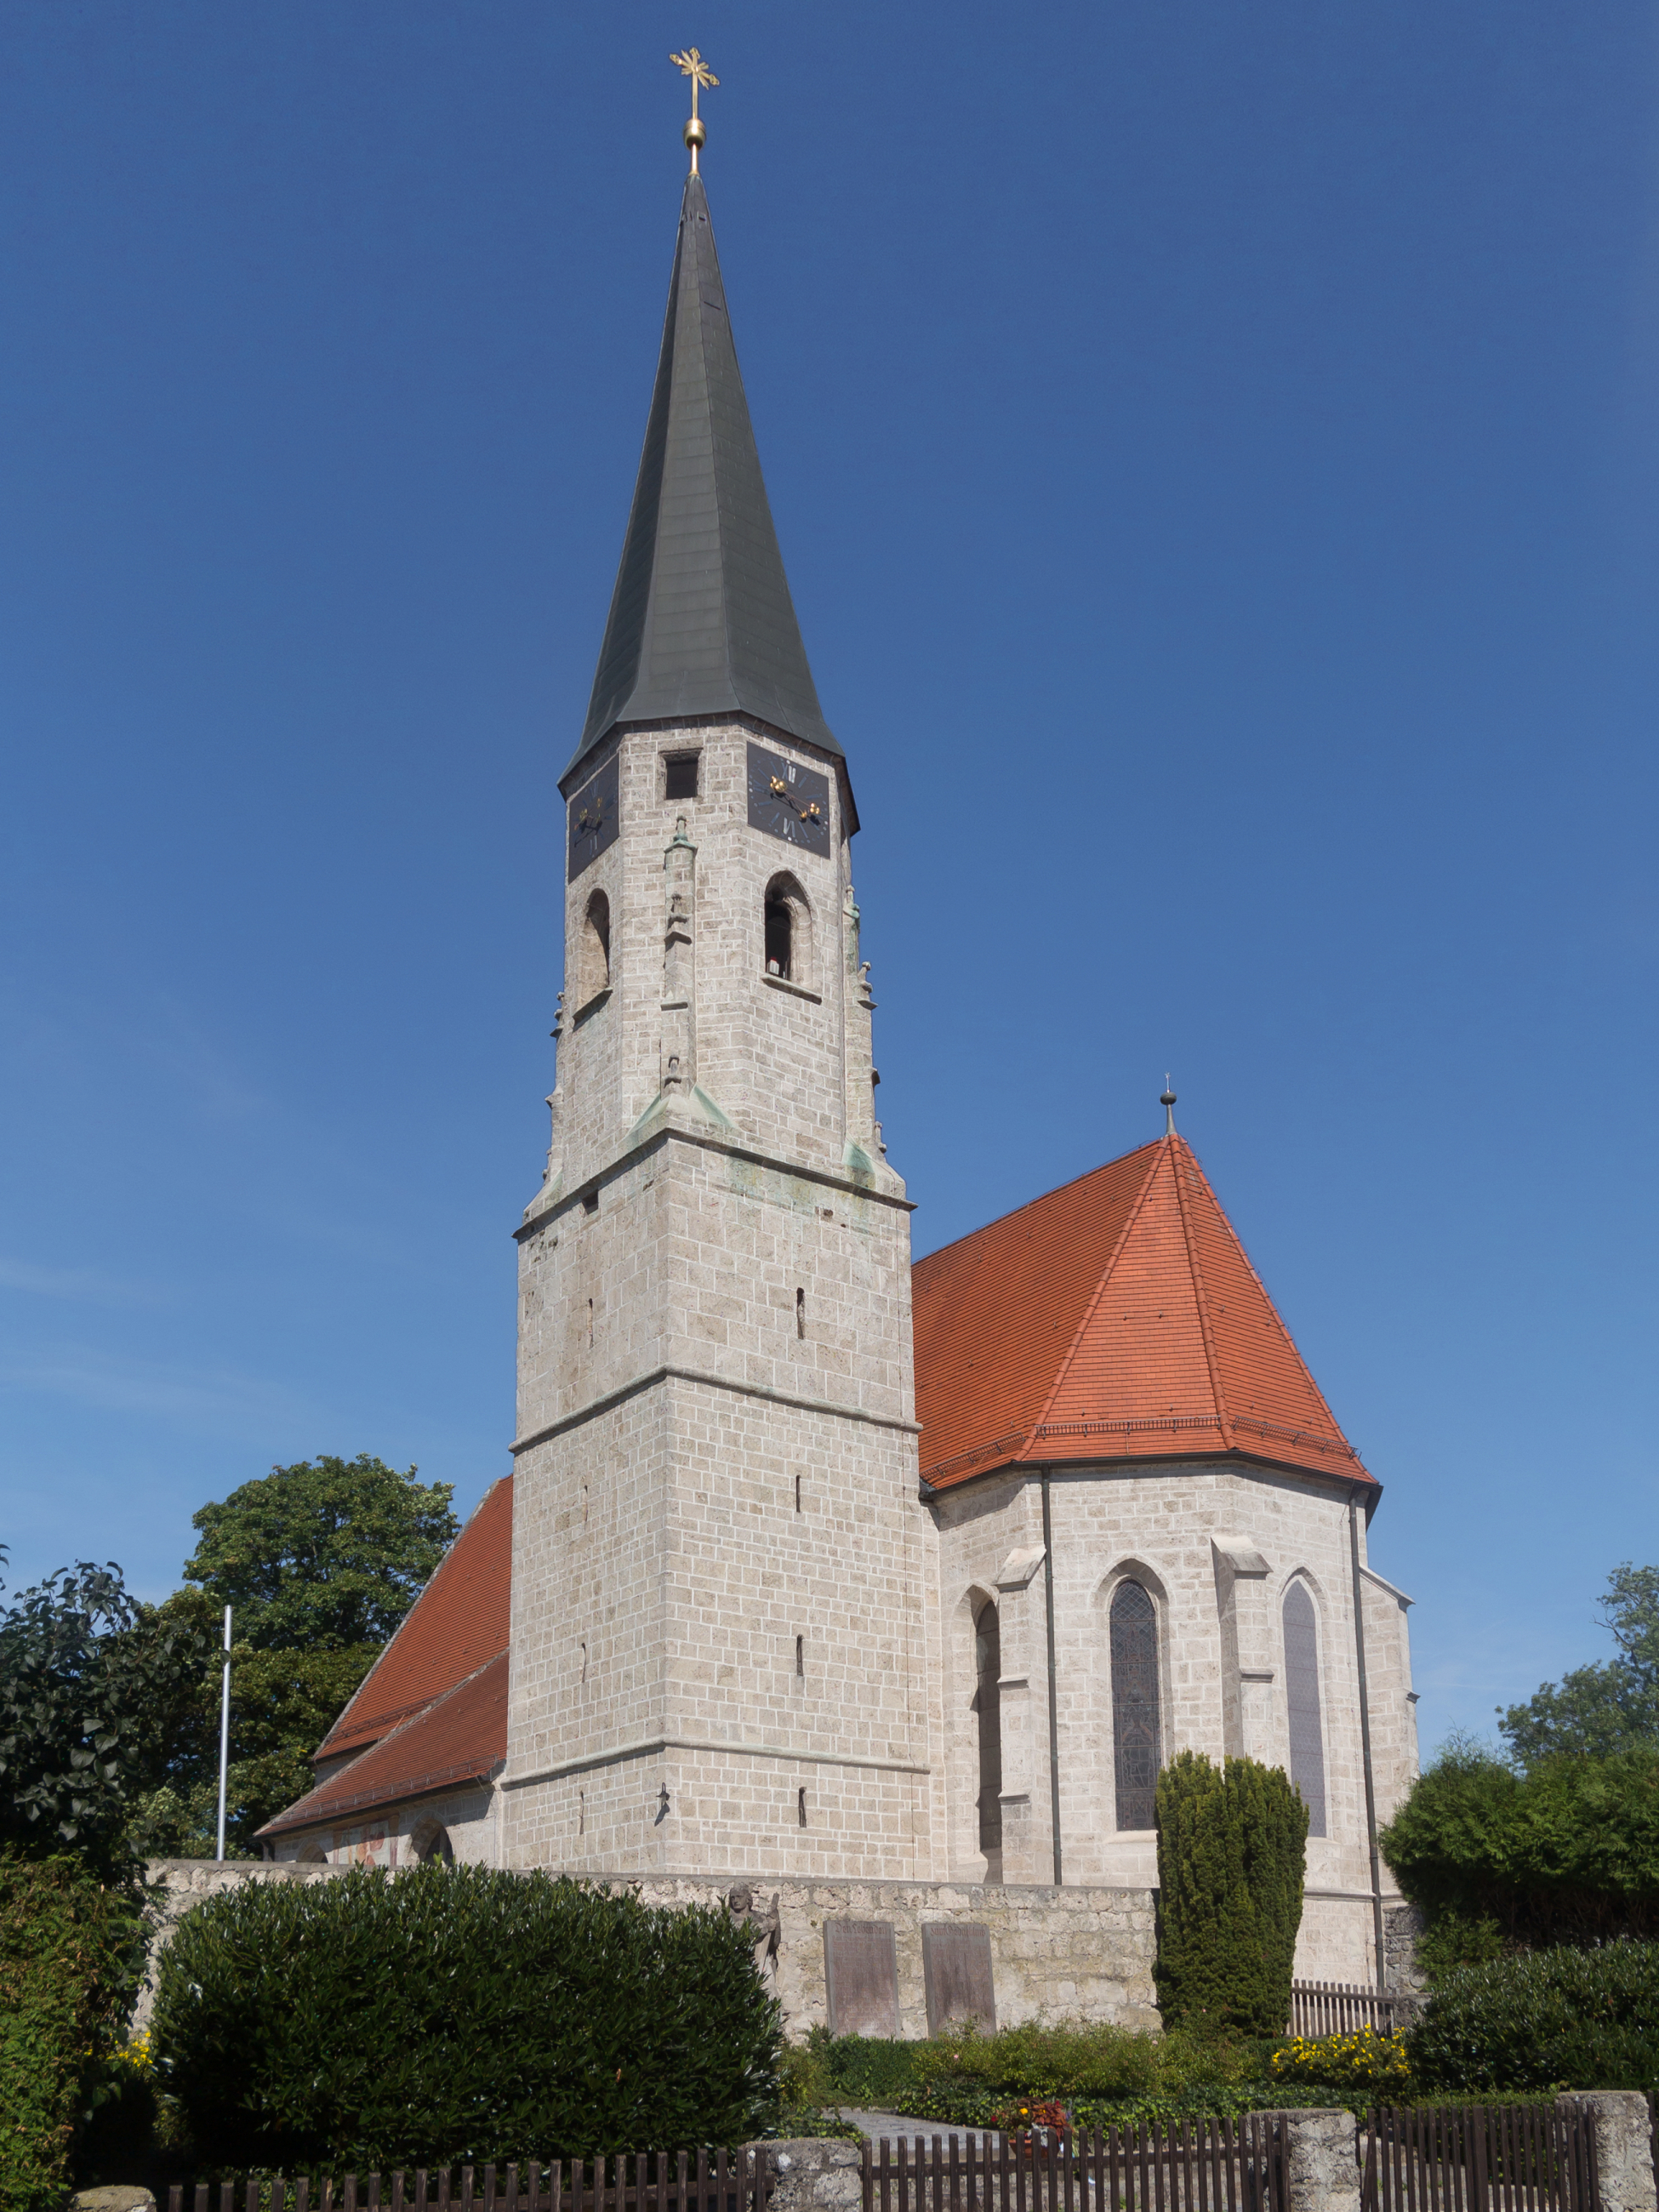 Ering2C Die Katholische Pfarrkirche Maric3A4 Himmelfahrt Dmd 2 77 118 7 Foto3 2017 08 08 10 13